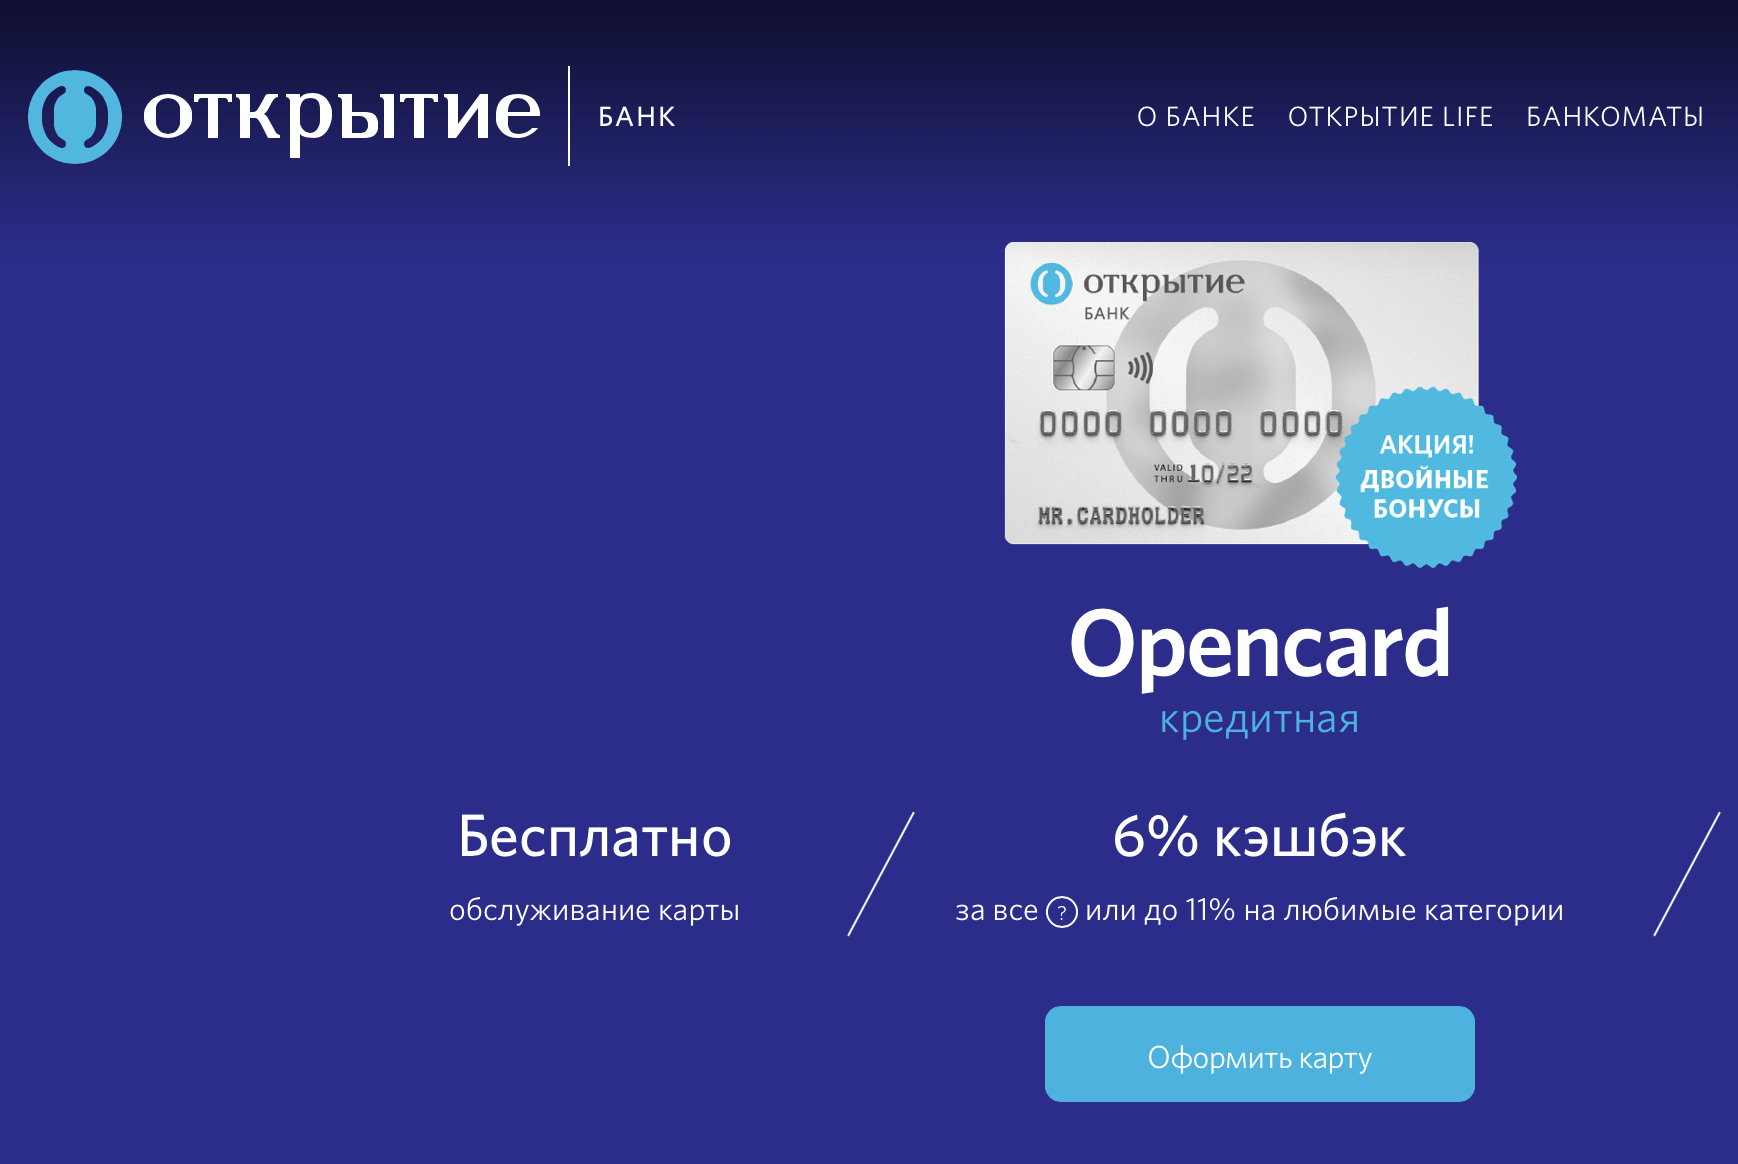 банк открытие оформить кредитную карту онлайн